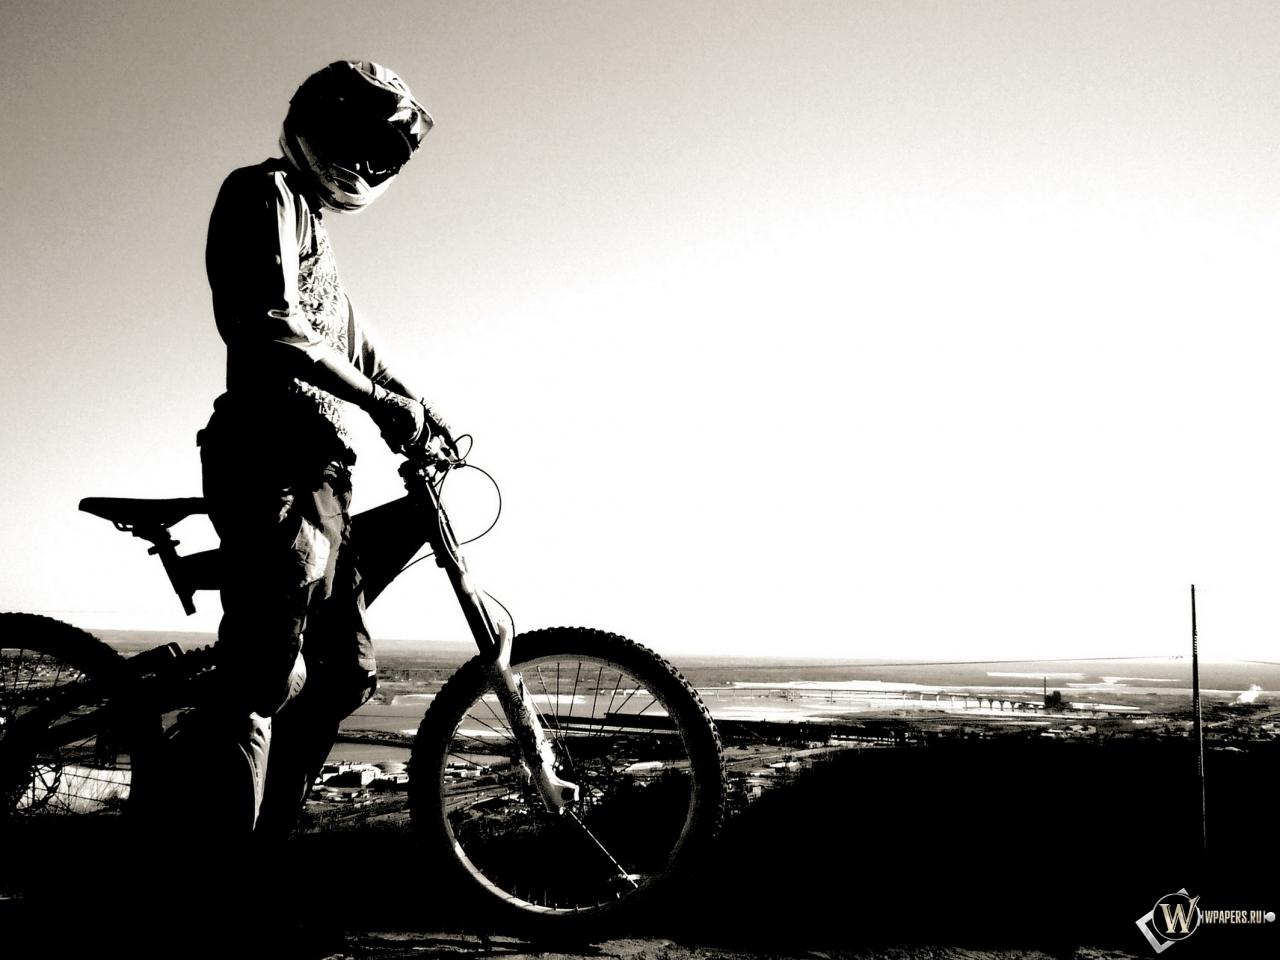 Велосипедист 1280x960